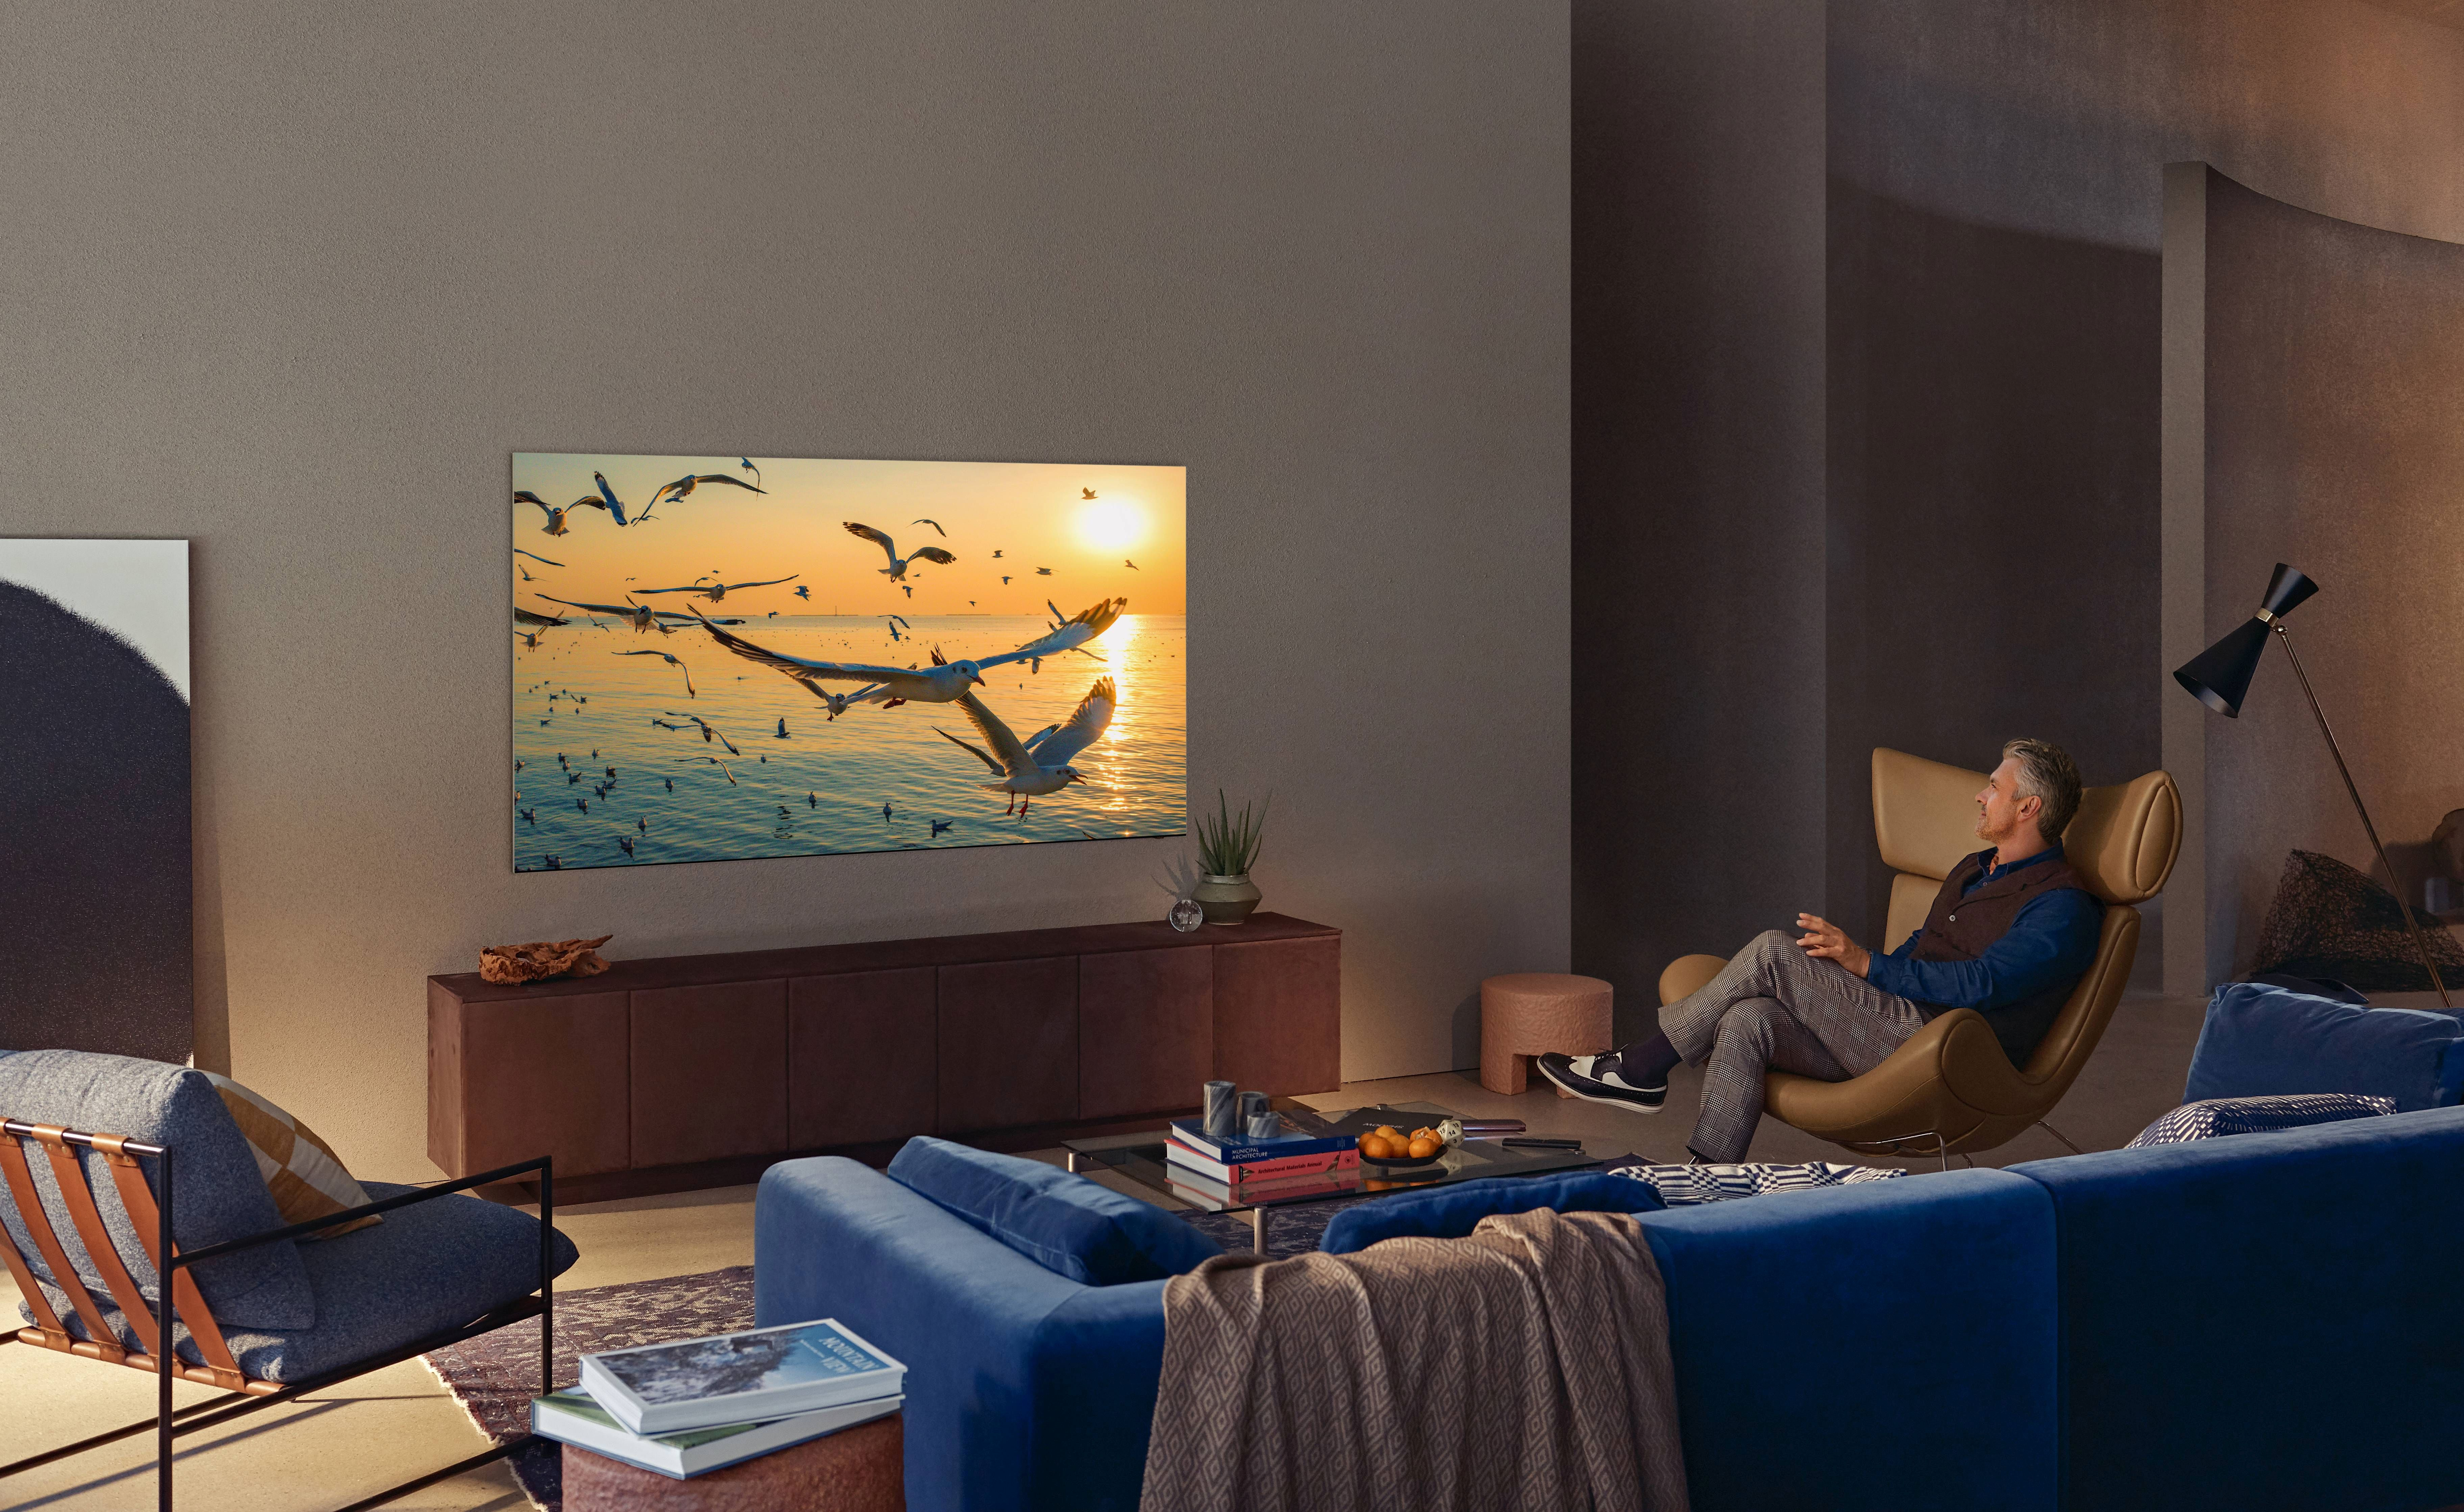 Chcesz kupić telewizor i brakuje Ci decydującego argumentu? Niech będzie nim darmowy smartfon Samsung!